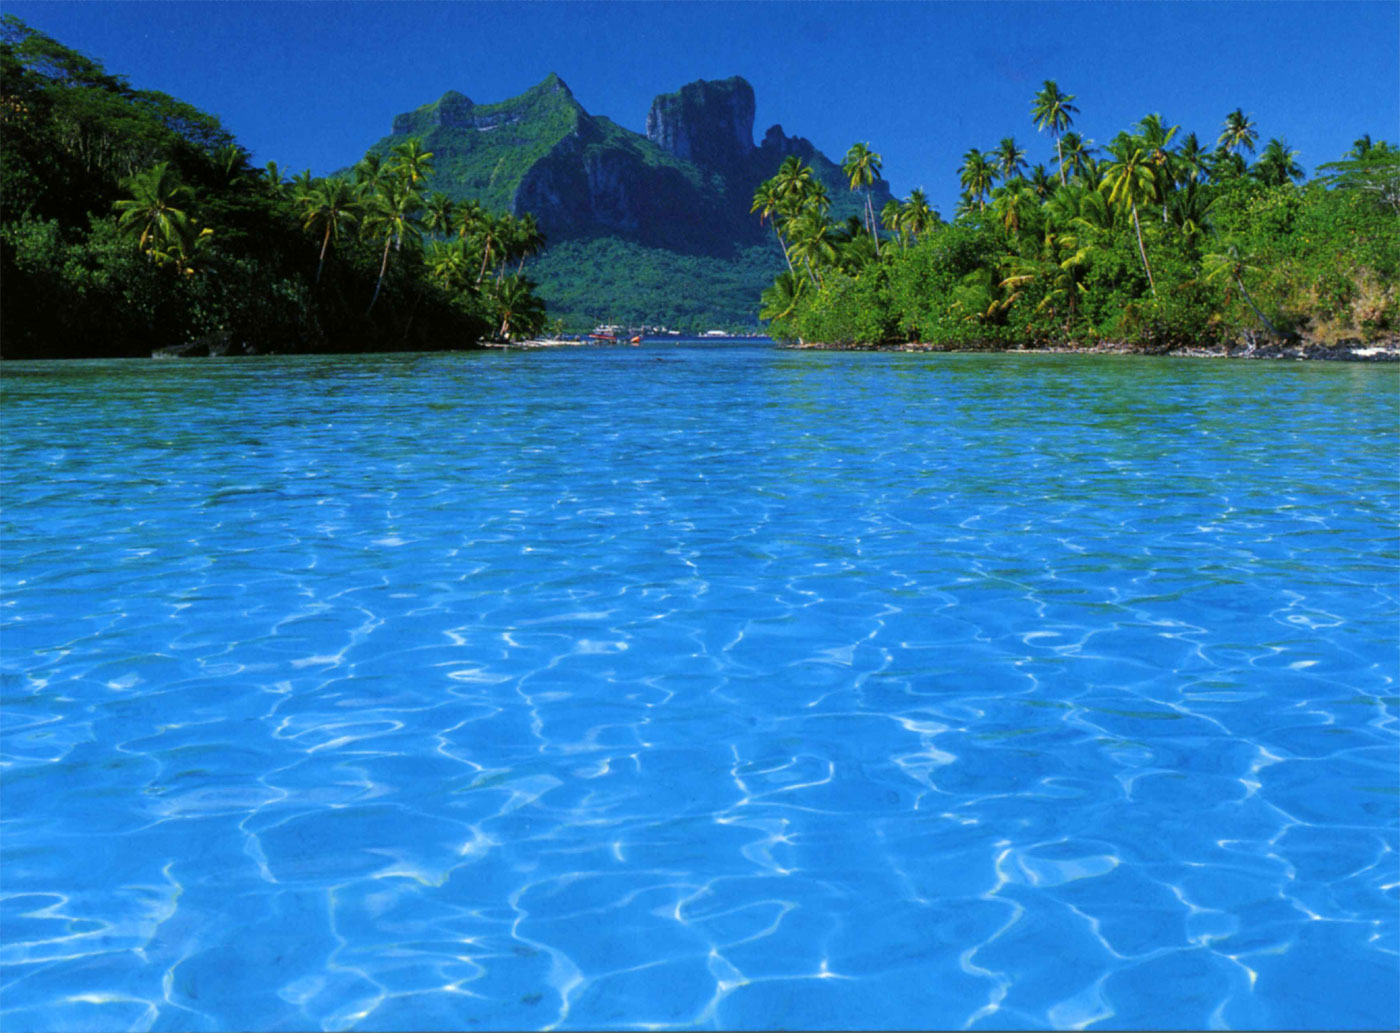 е знаю на счет следующих 10 лет, но вообще хотела бы побывать на островах...